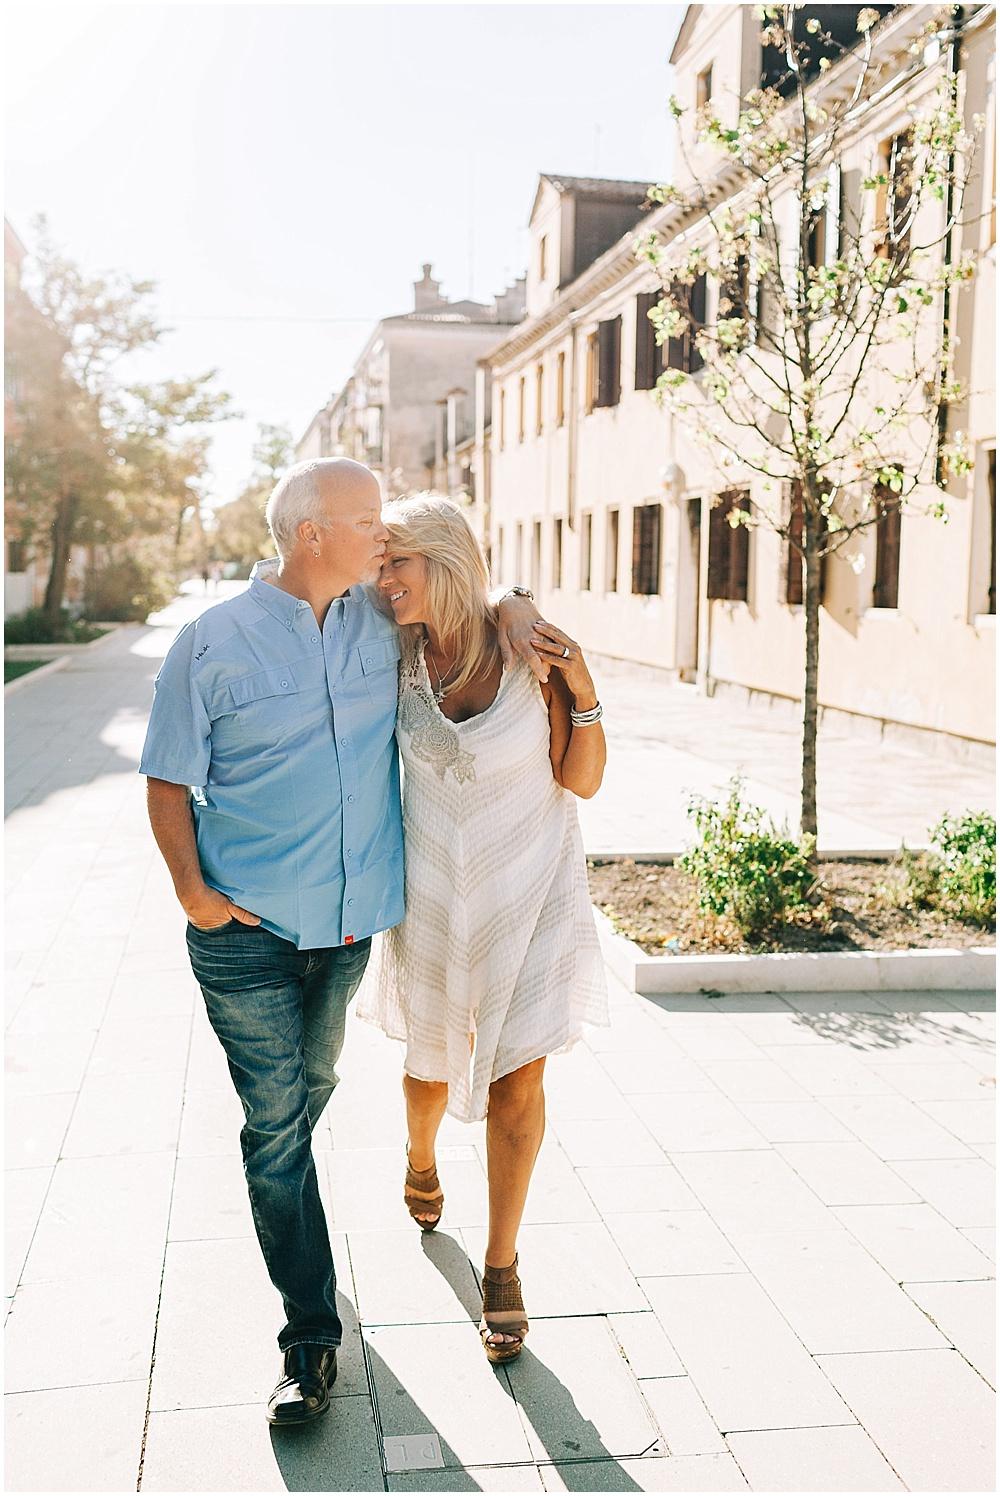 venice-italy-wedding-photograher-stefano-degirmenci_0598.jpg